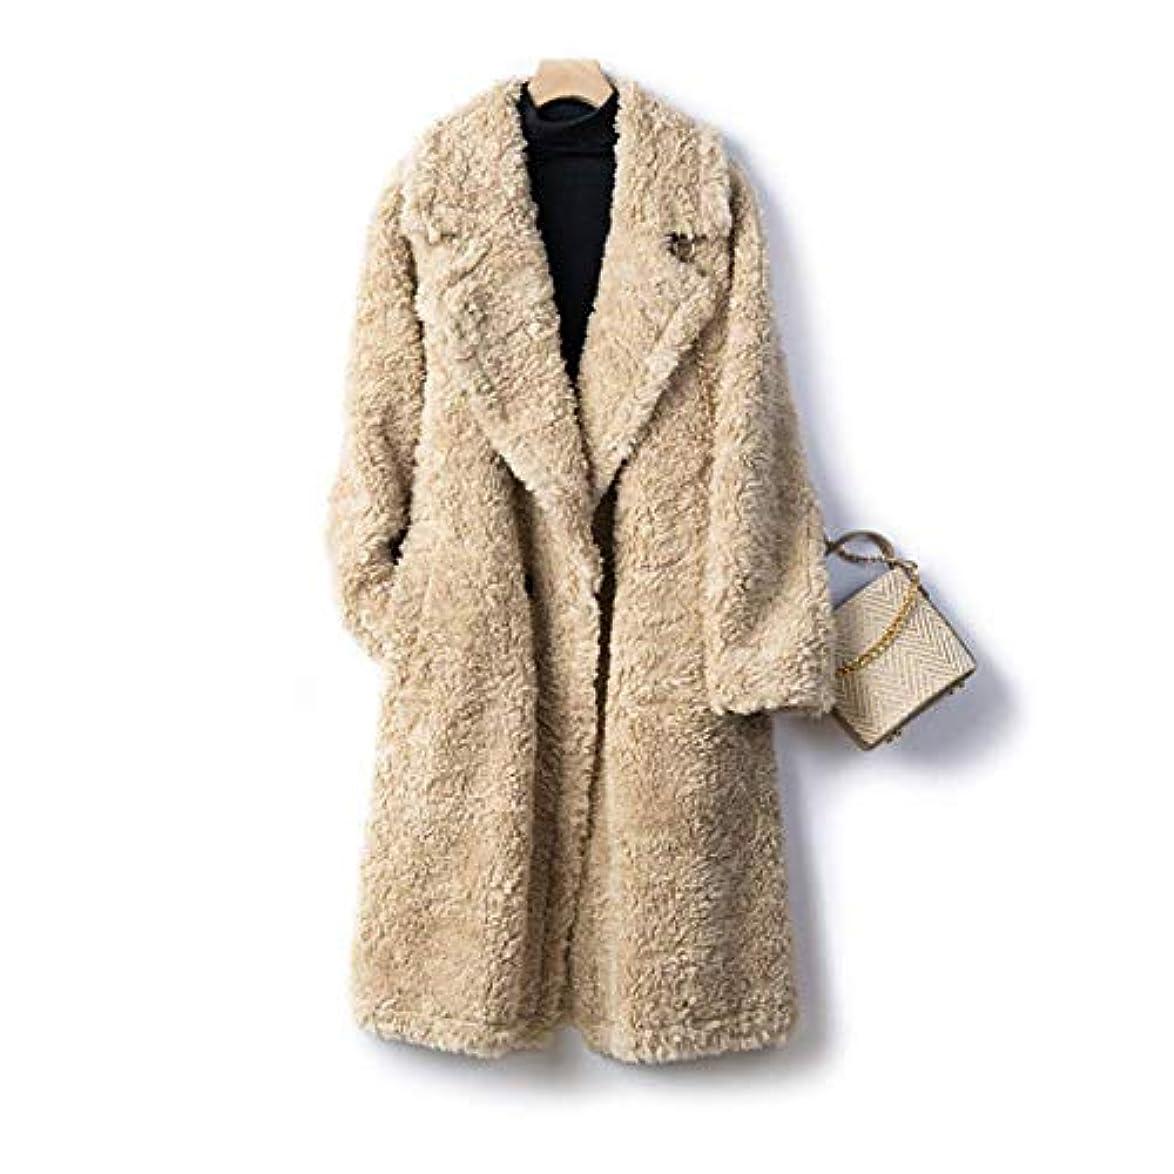 火山学者み再生的厚いウールのコート、女性のコートレディースウインドブレーカージャケット厚い羊のせん断顆粒ロングコートの女性のウールコート19秋と冬の婦人服,A,M